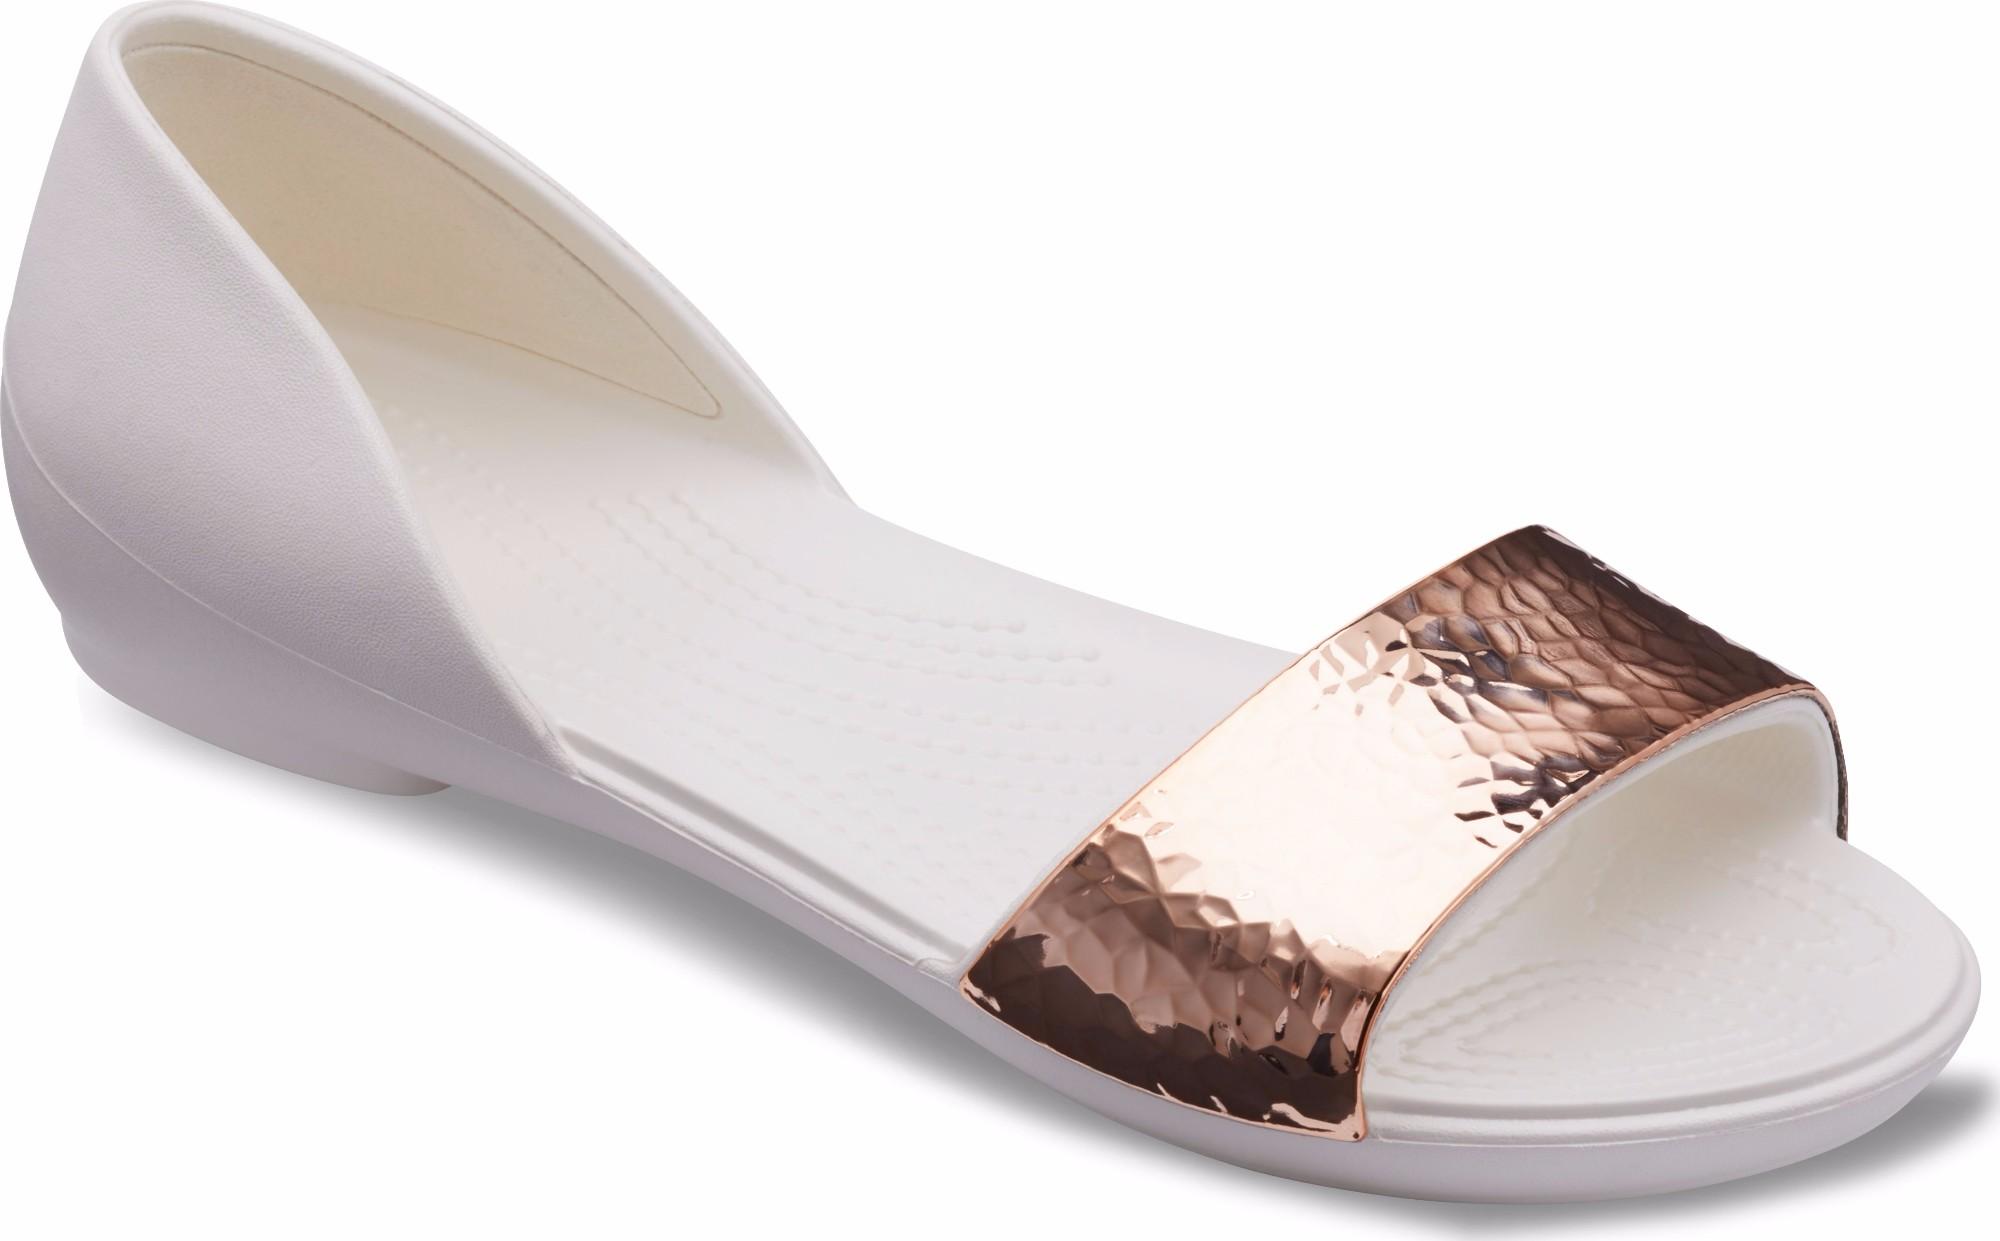 932d717b409 Crocs™ Lina Dorsay Hammered Metallic Flat | OPEN24.EE